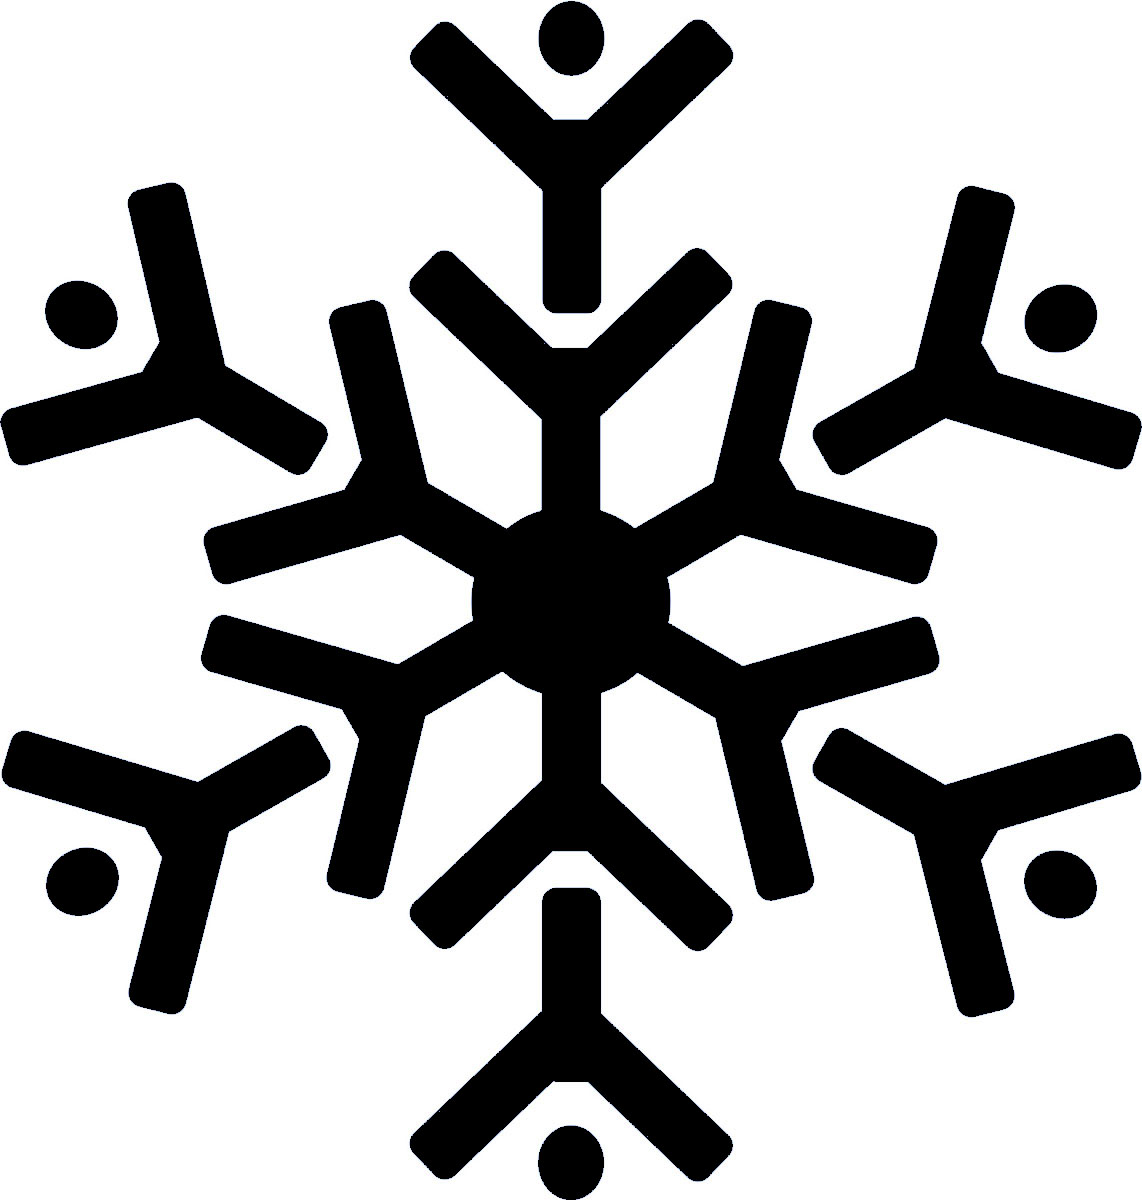 Наклейка автомобильная Оранжевый слоник Снежинка 3, виниловая, цвет: черныйВетерок 2ГФОригинальная наклейка Оранжевый слоник Снежинка 3 изготовлена из высококачественной виниловой пленки, которая выполняет не только декоративную функцию, но и защищает кузов автомобиля от небольших механических повреждений, либо скрывает уже существующие.Виниловые наклейки на автомобиль - это не только красиво, но еще и быстро! Всего за несколько минут вы можете полностью преобразить свой автомобиль, сделать его ярким, необычным, особенным и неповторимым!